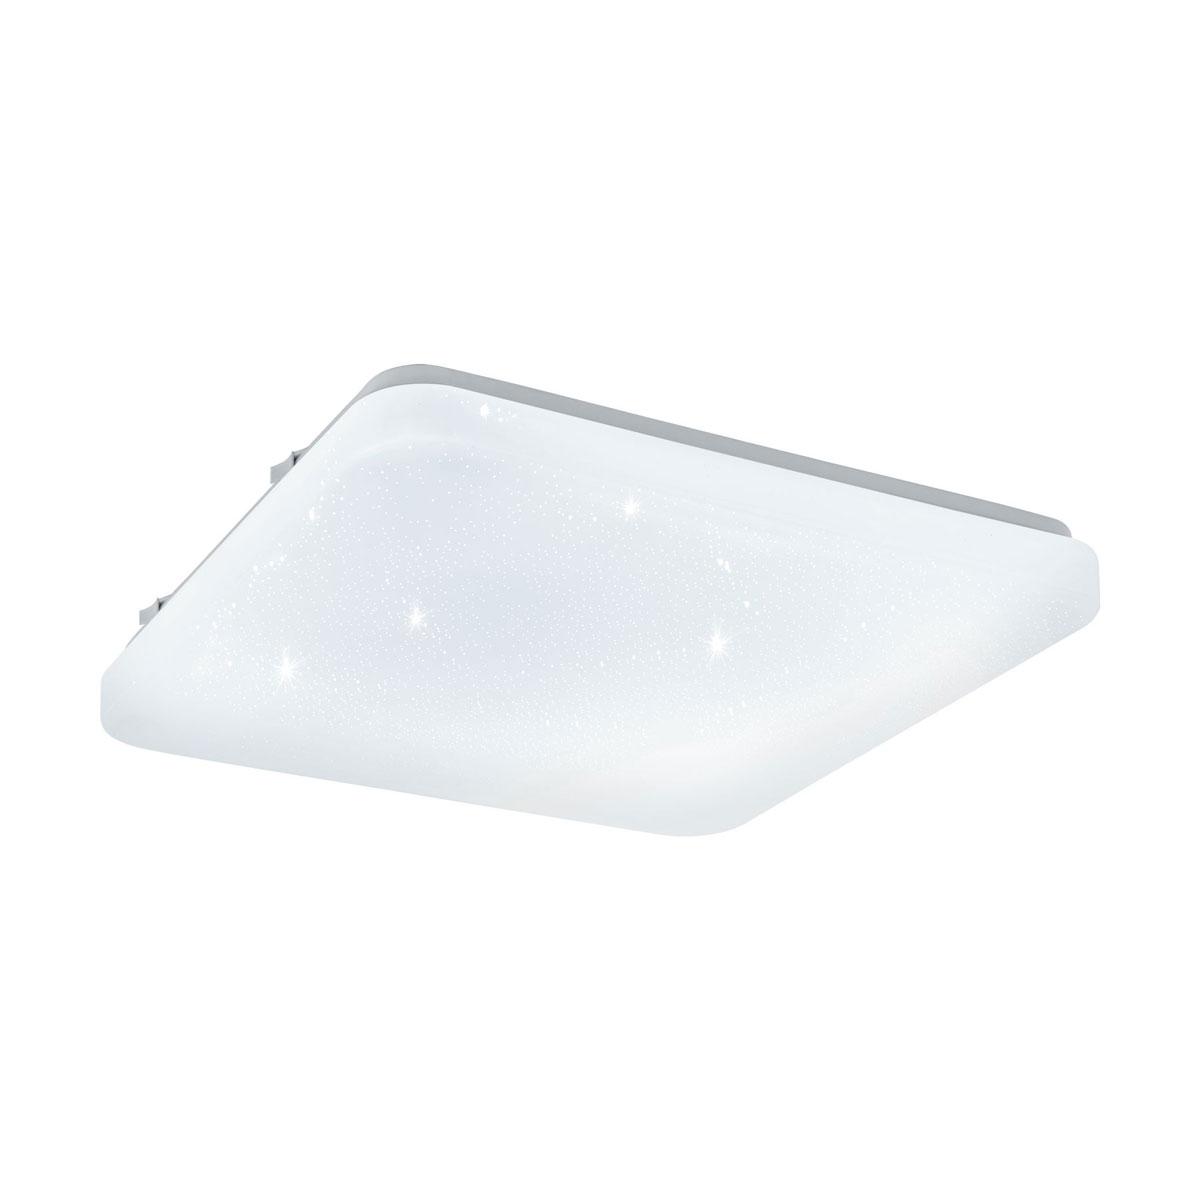 """Deckenleuchten - LED Deckenleuchte """"Frania S"""", 28x28cm, weiß 28x28 cm cm  - Onlineshop Hellweg"""